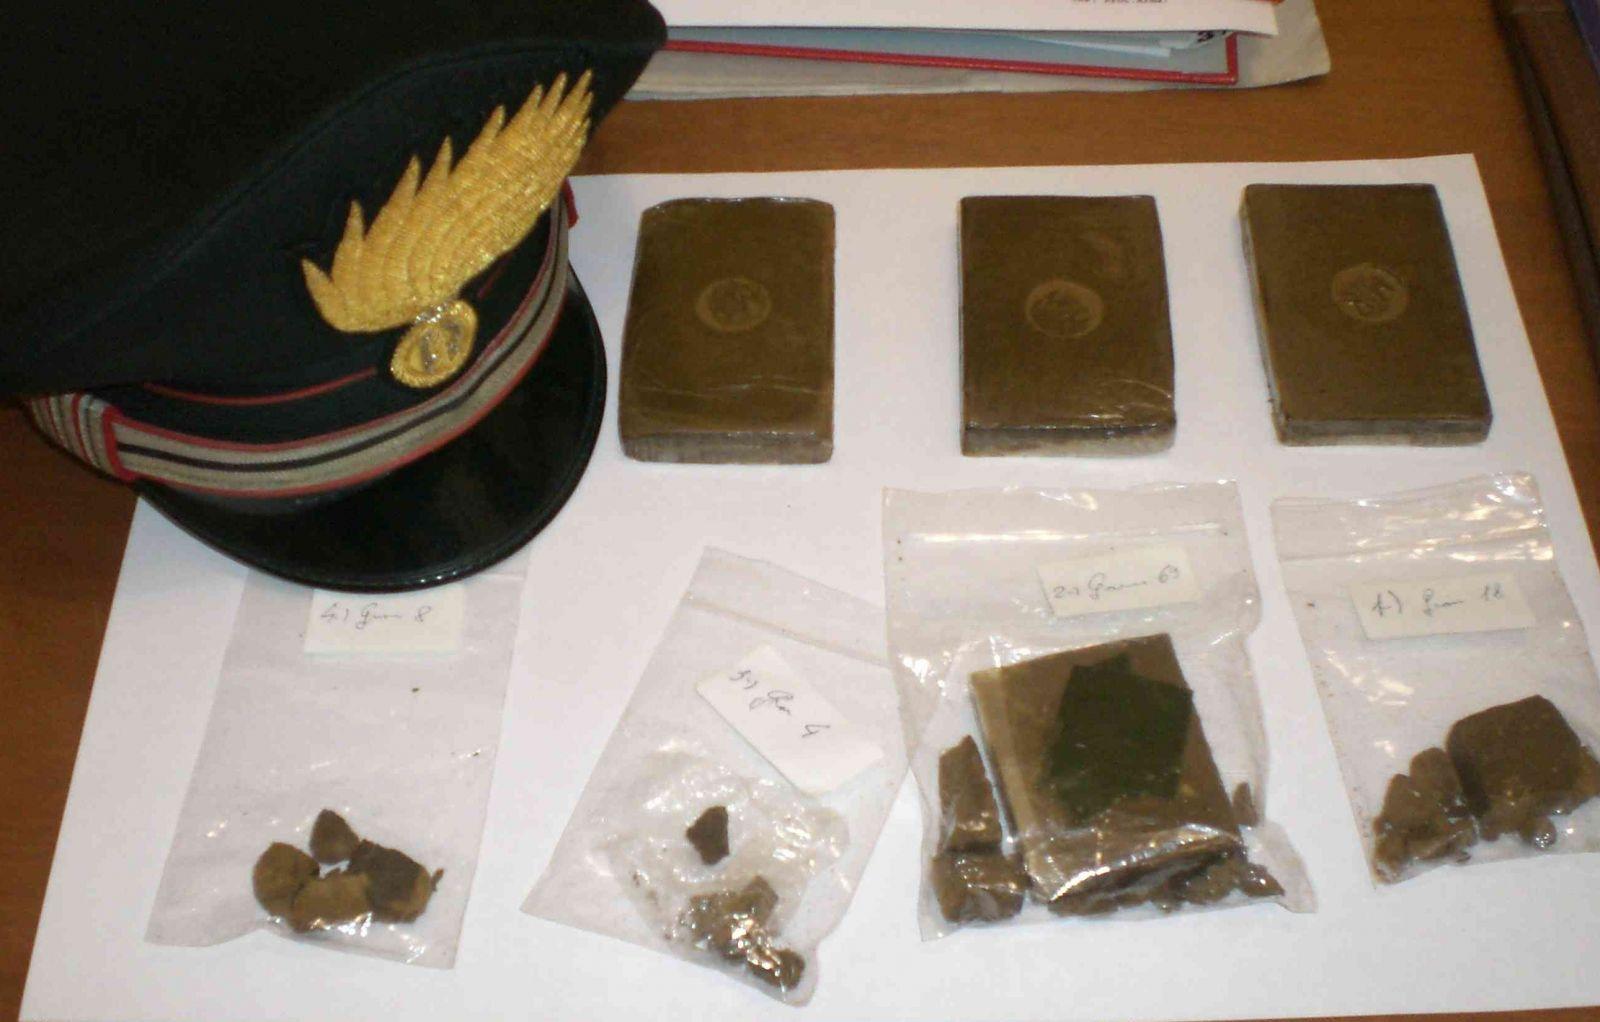 Trasferta per spacciare droga, arrestato 44enne di Sant'Anastasia